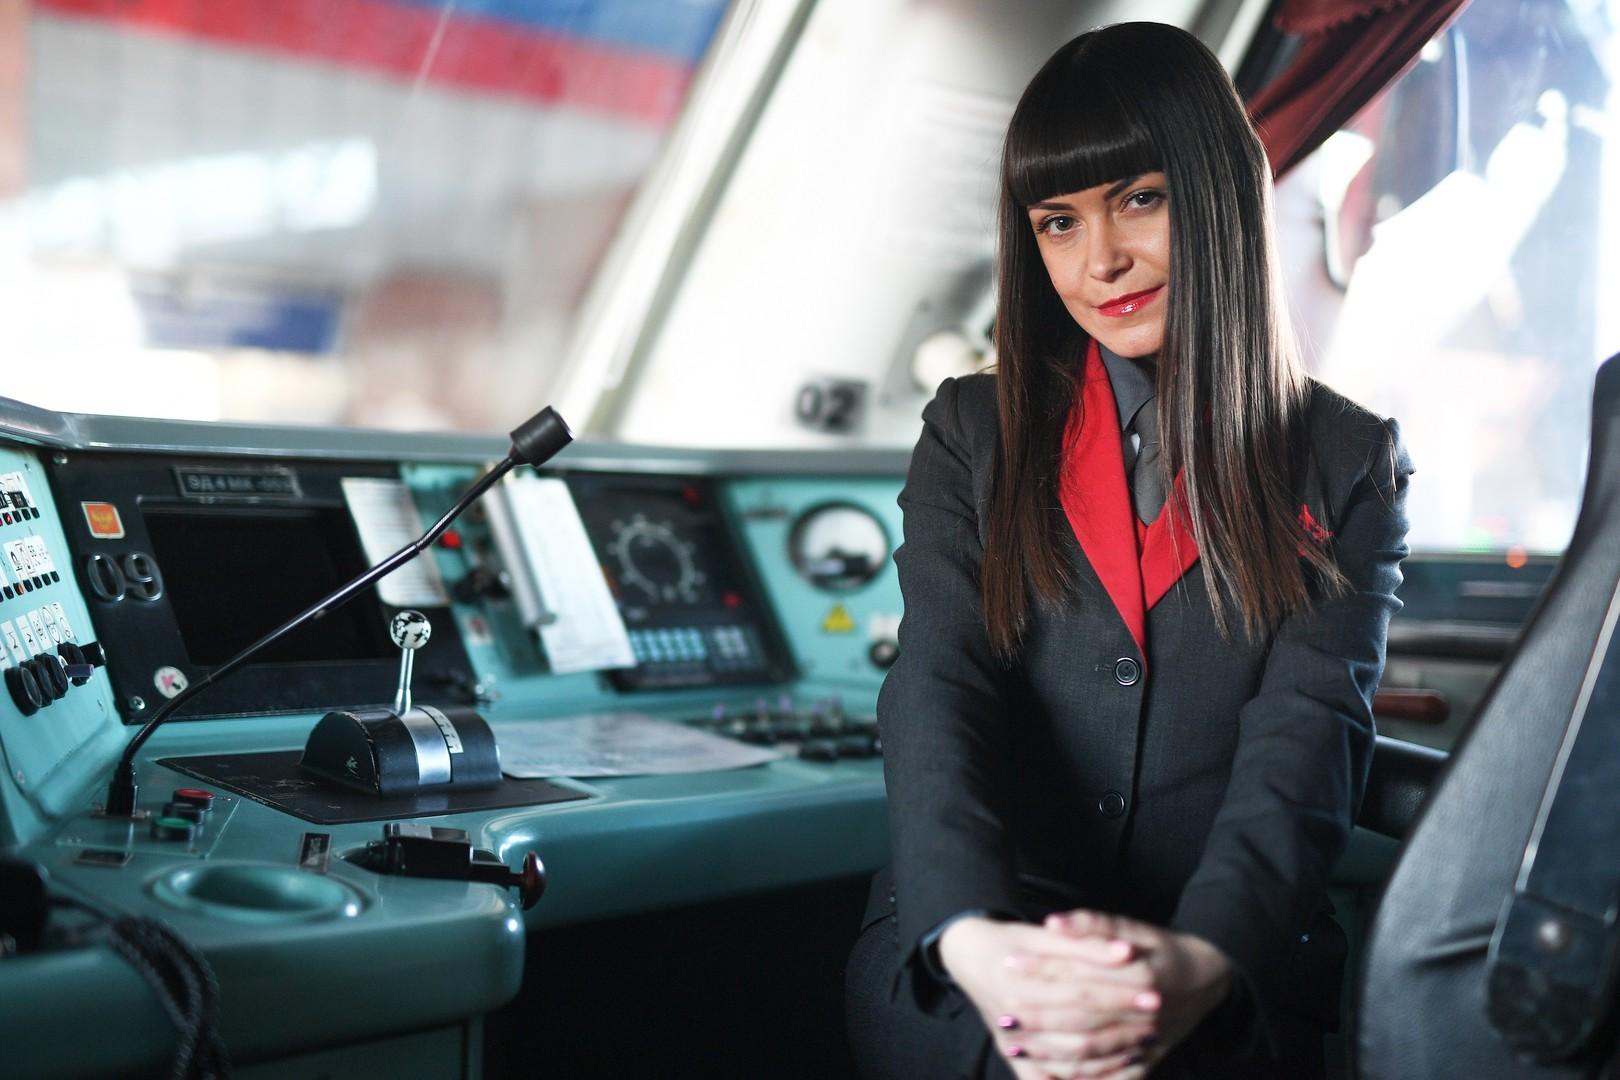 Russland: Liste der für Frauen verbotenen Berufe wird von 456 auf 79 reduziert